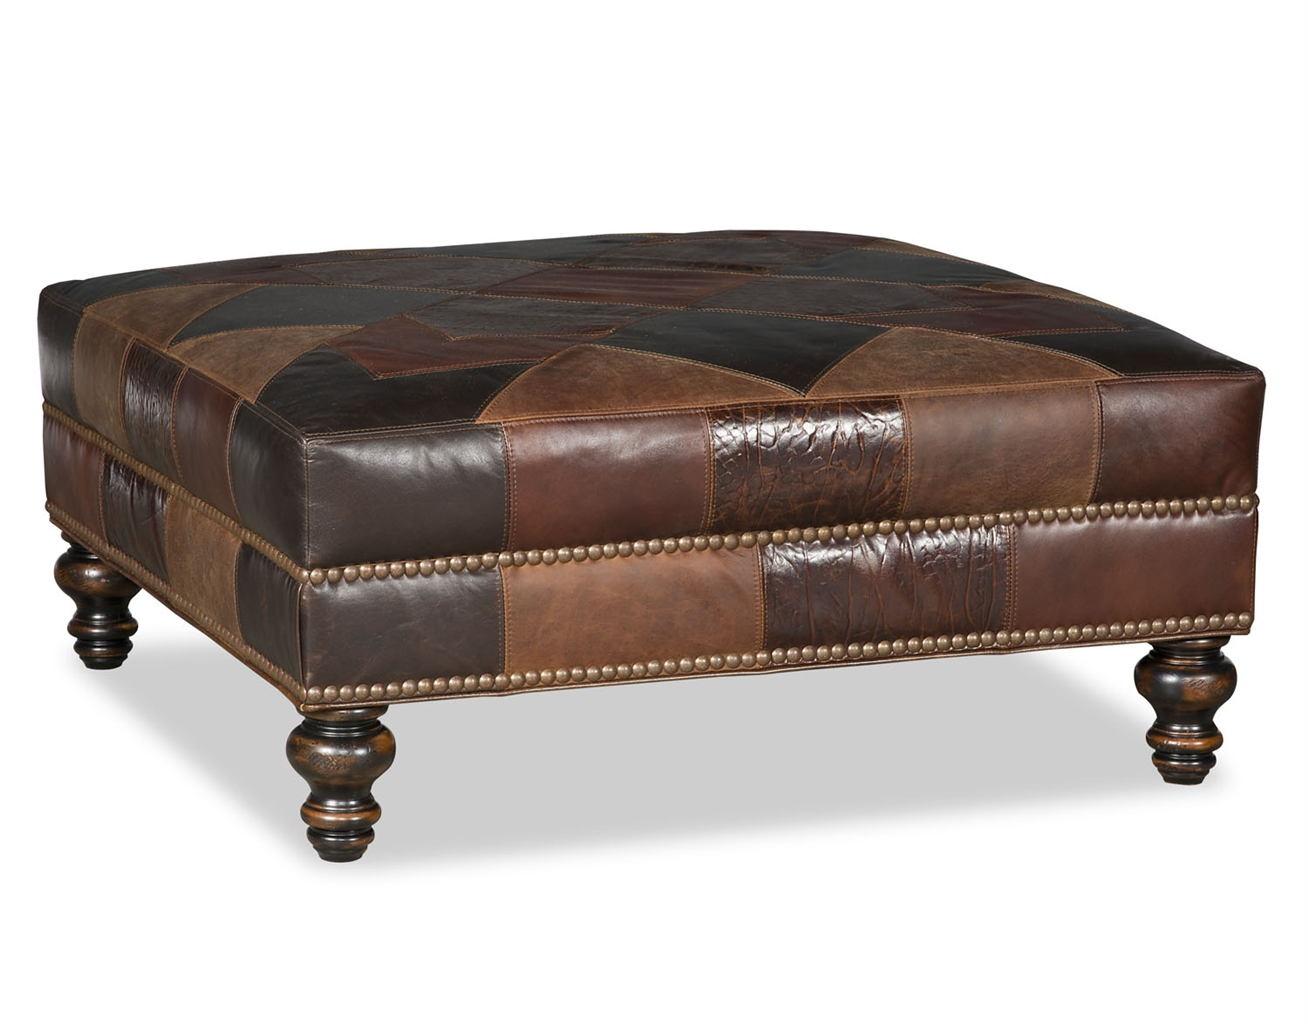 Checkered Small Ottoman Bench